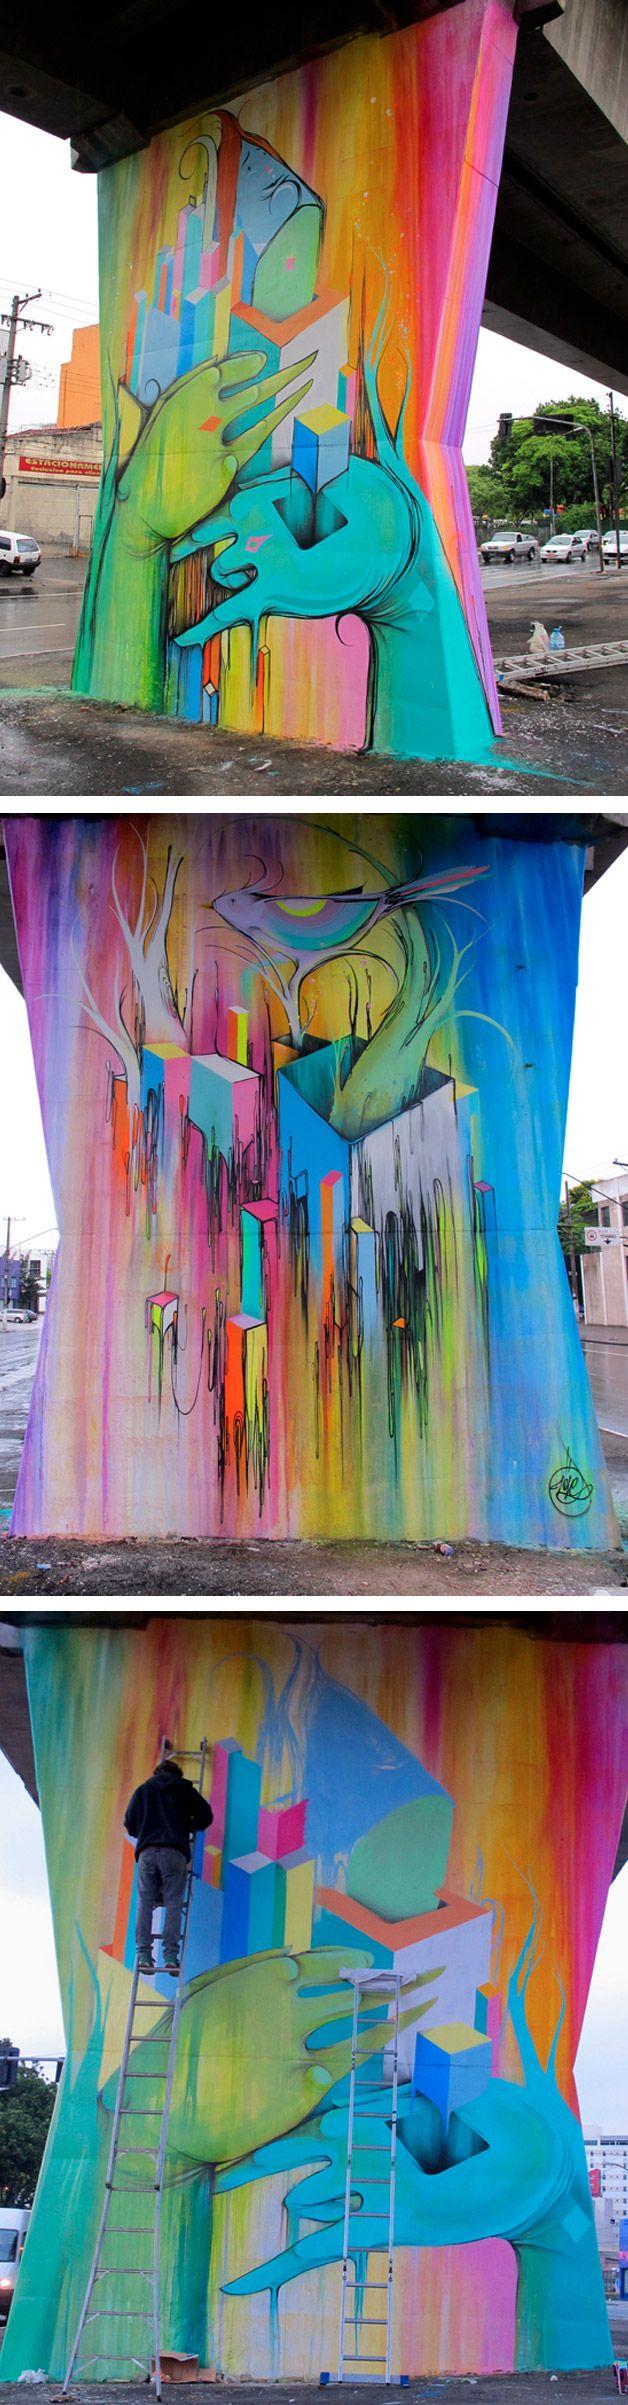 O graffiti do artista brasileiro Nove